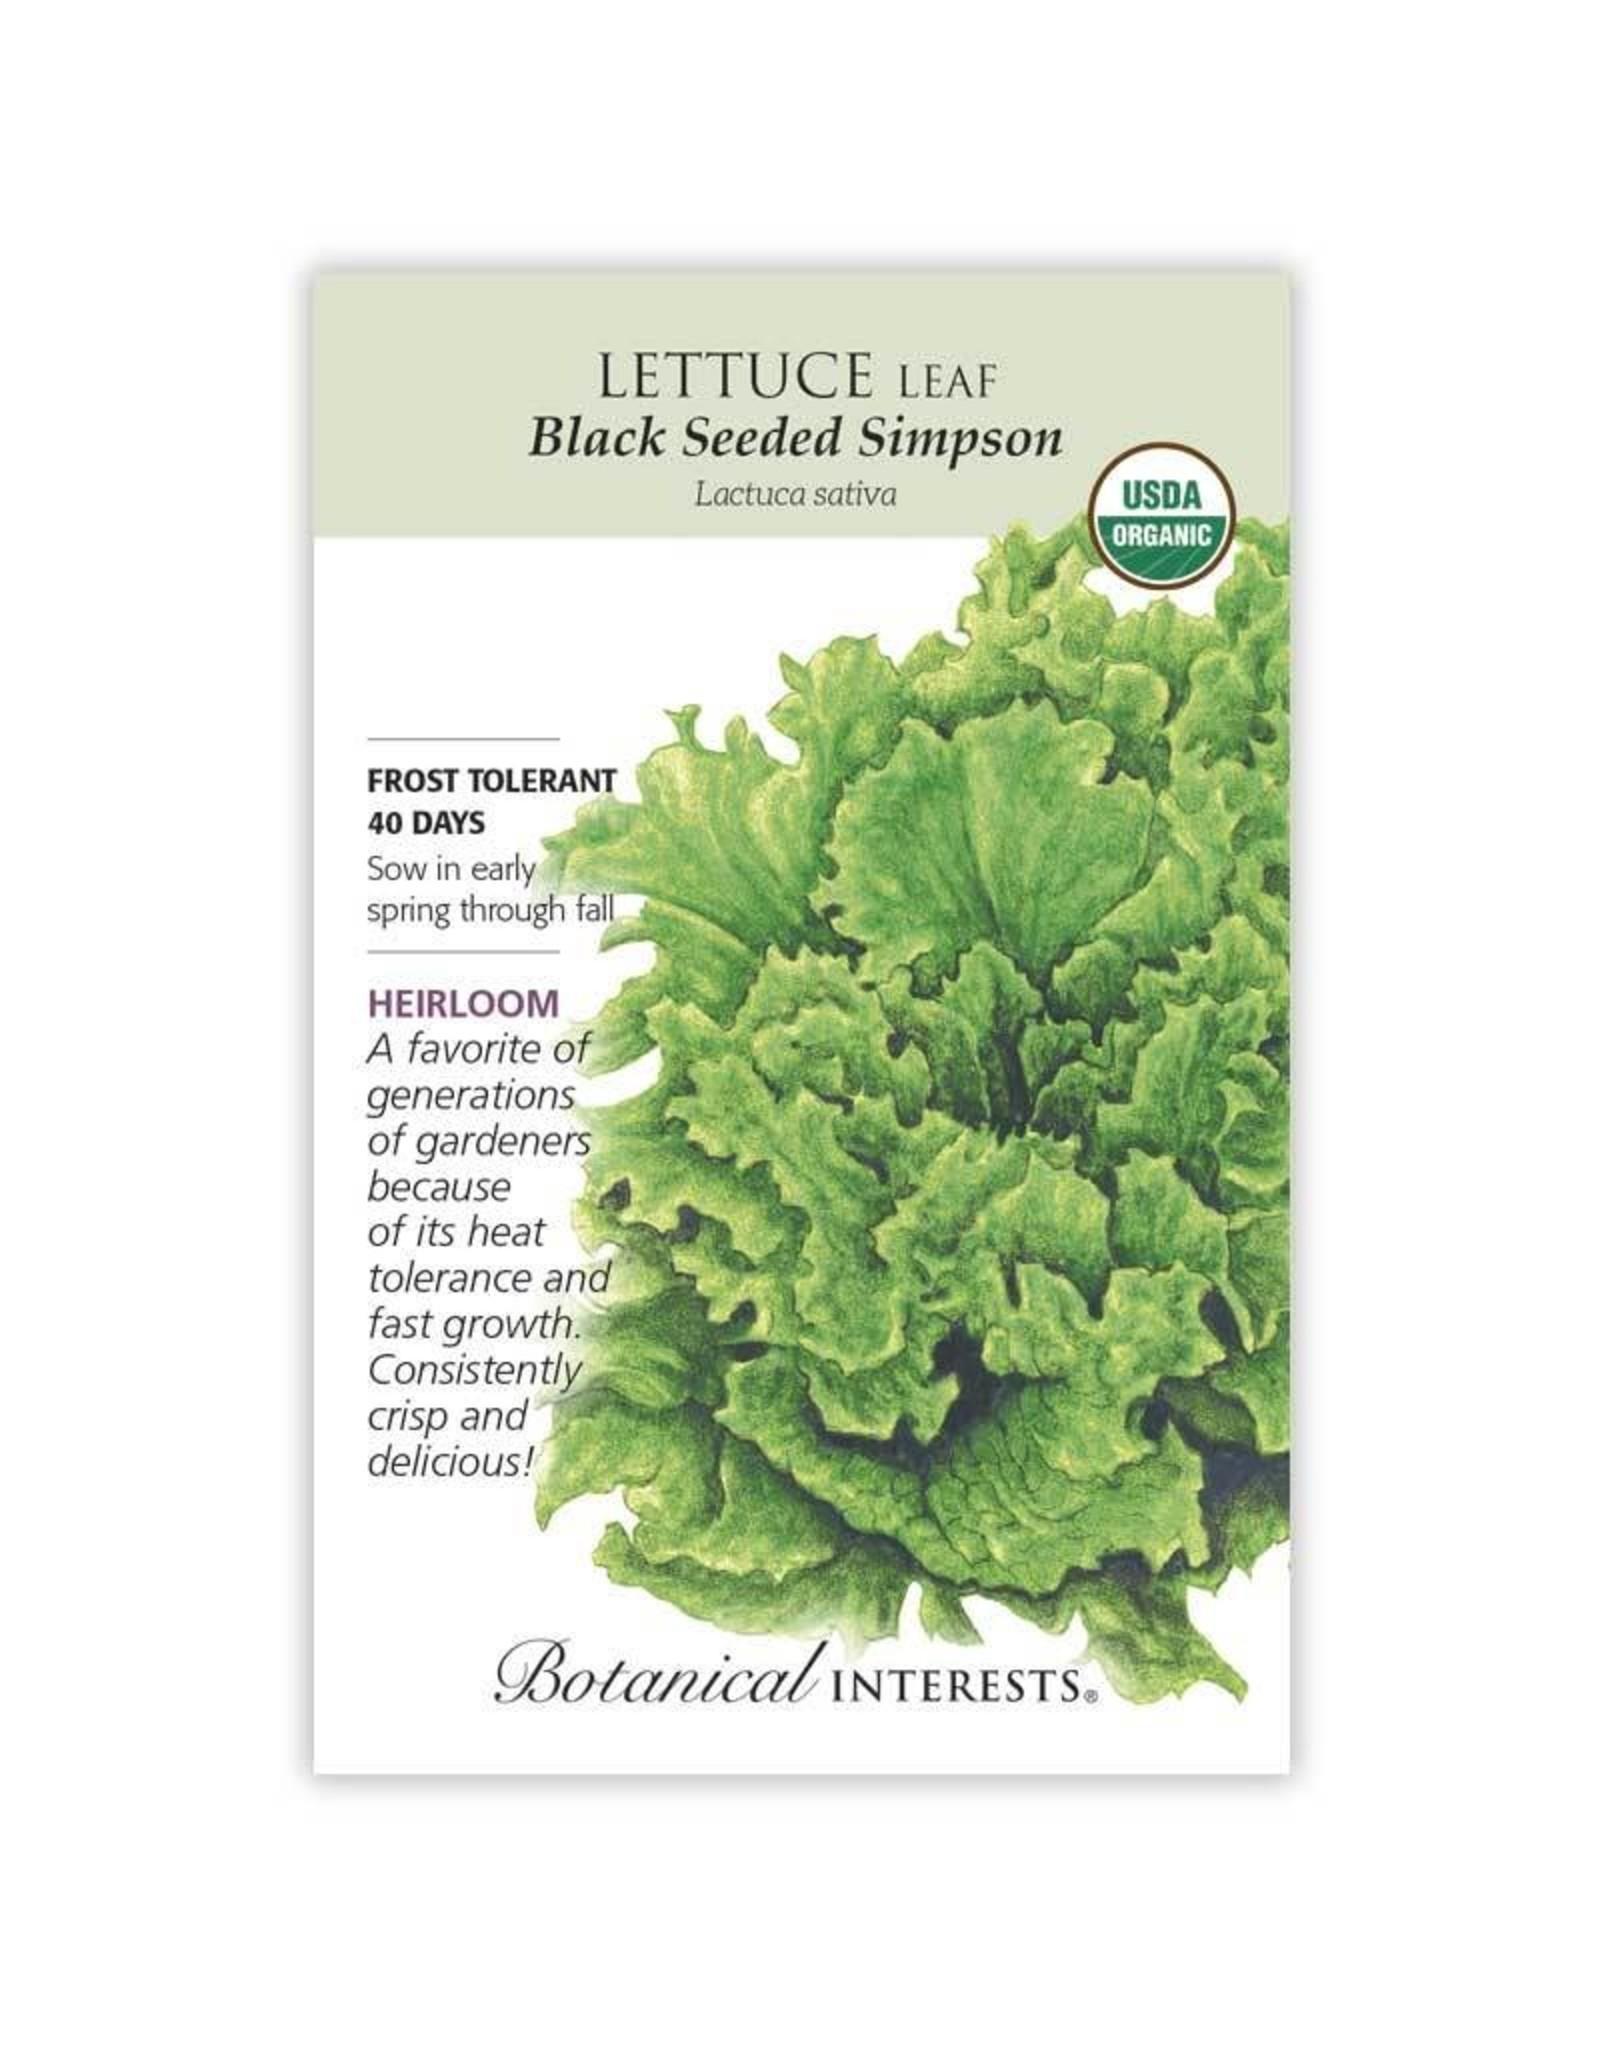 Seeds - Lettuce Leaf Black Seeded Simpson Organic